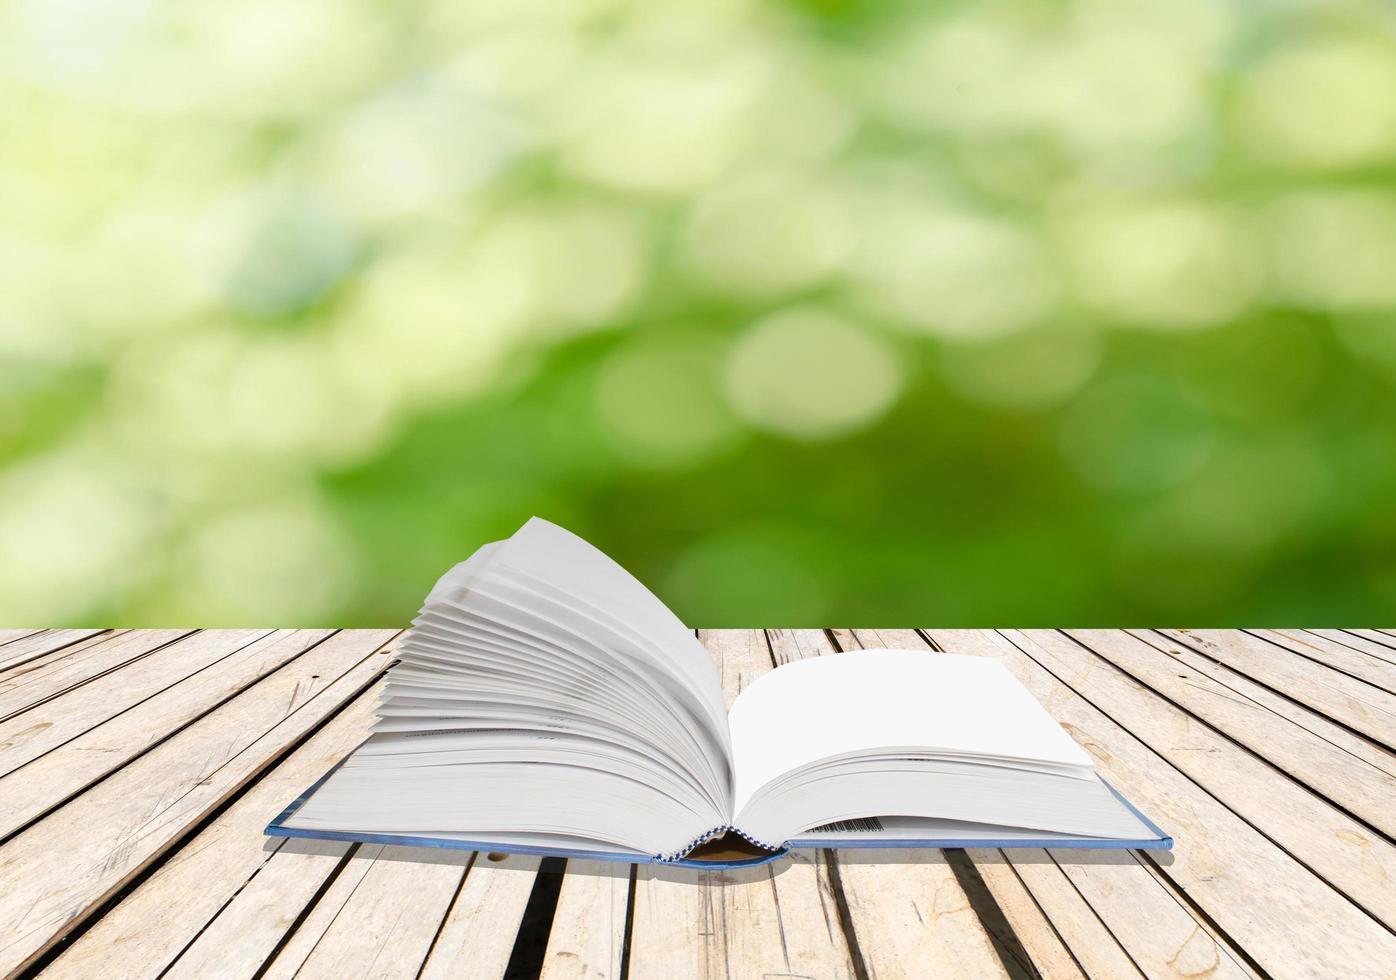 libro abierto en una plataforma de madera foto